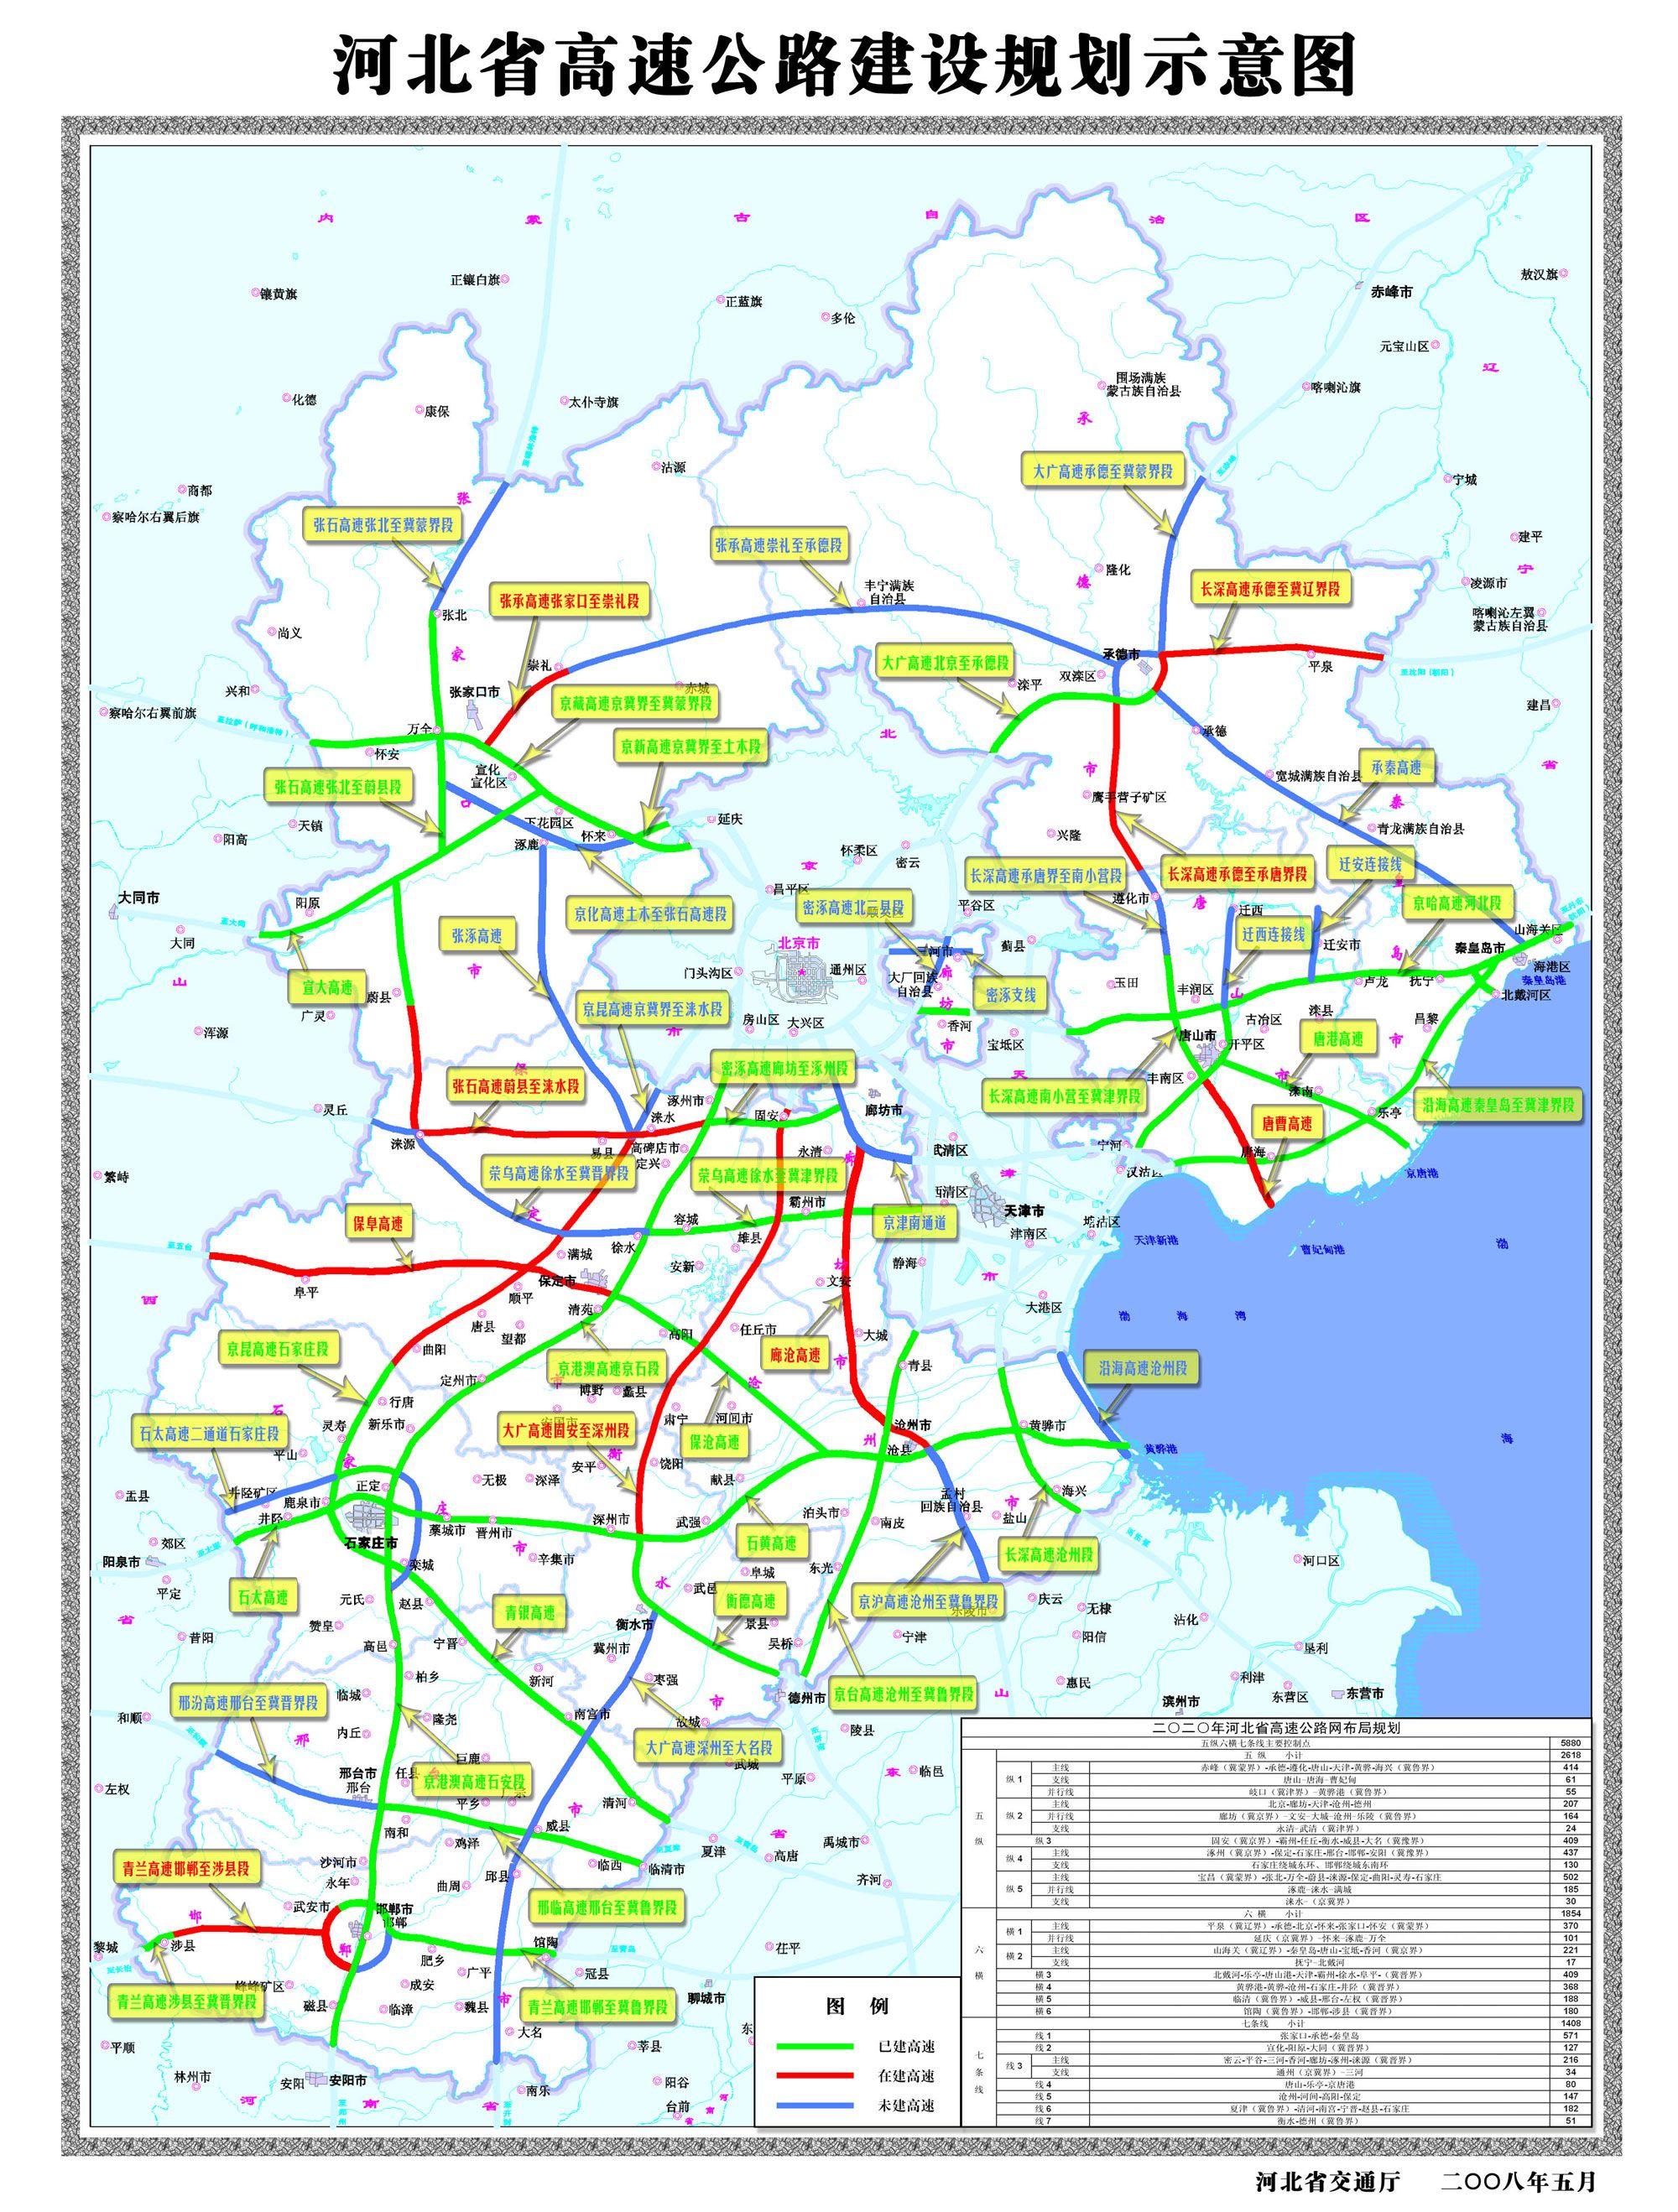 云贵川渝行政地图 各省行政地图全图 中国行政地图矢量图